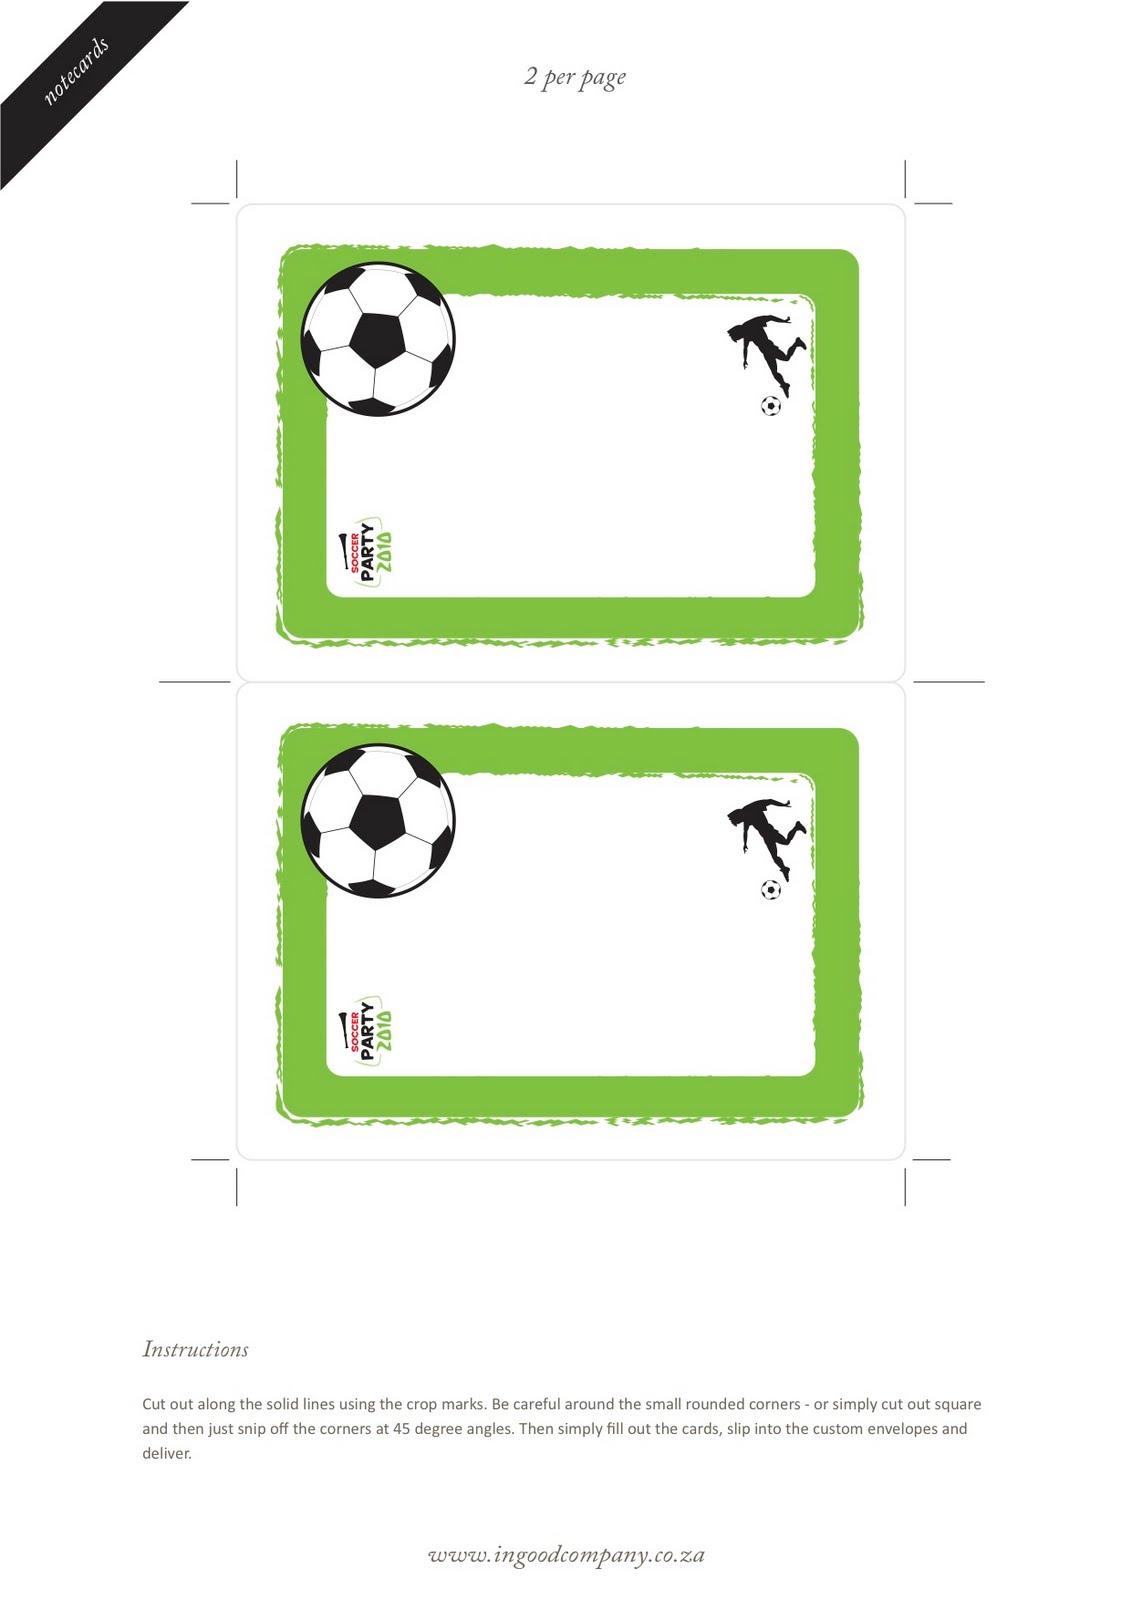 Imagenes Infantiles De Futbol Para Imprimir - Niños jugando al fútbol Dibujo de deportes para pintar